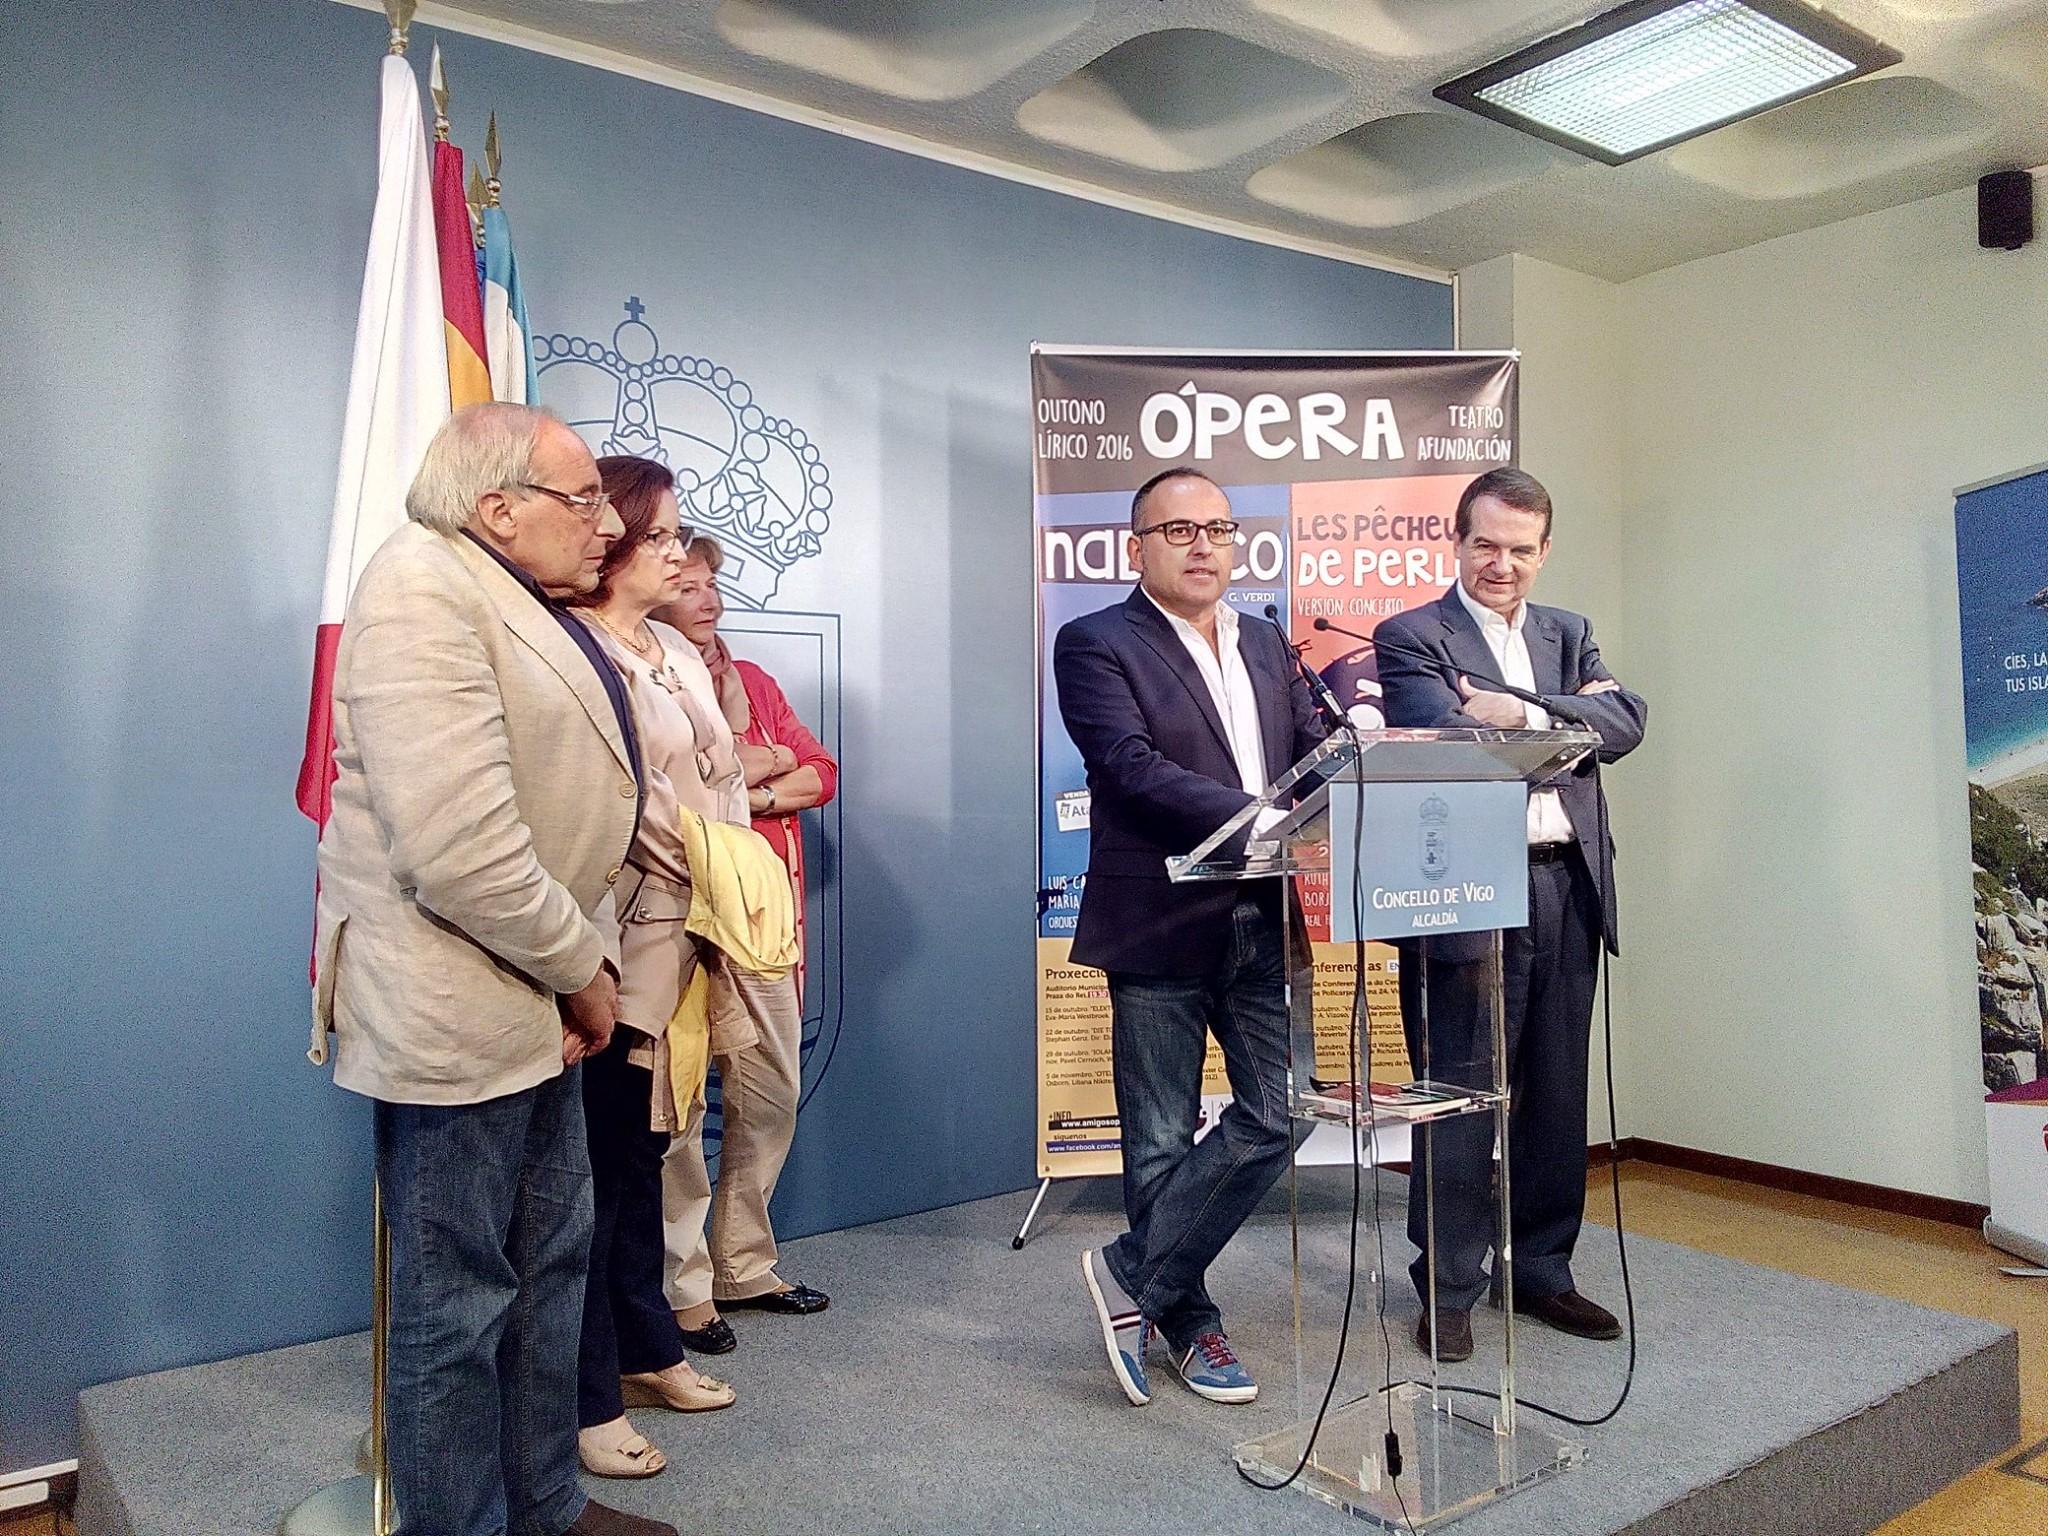 Presentación en Concello de Vigo de Otoño Lírico 2016